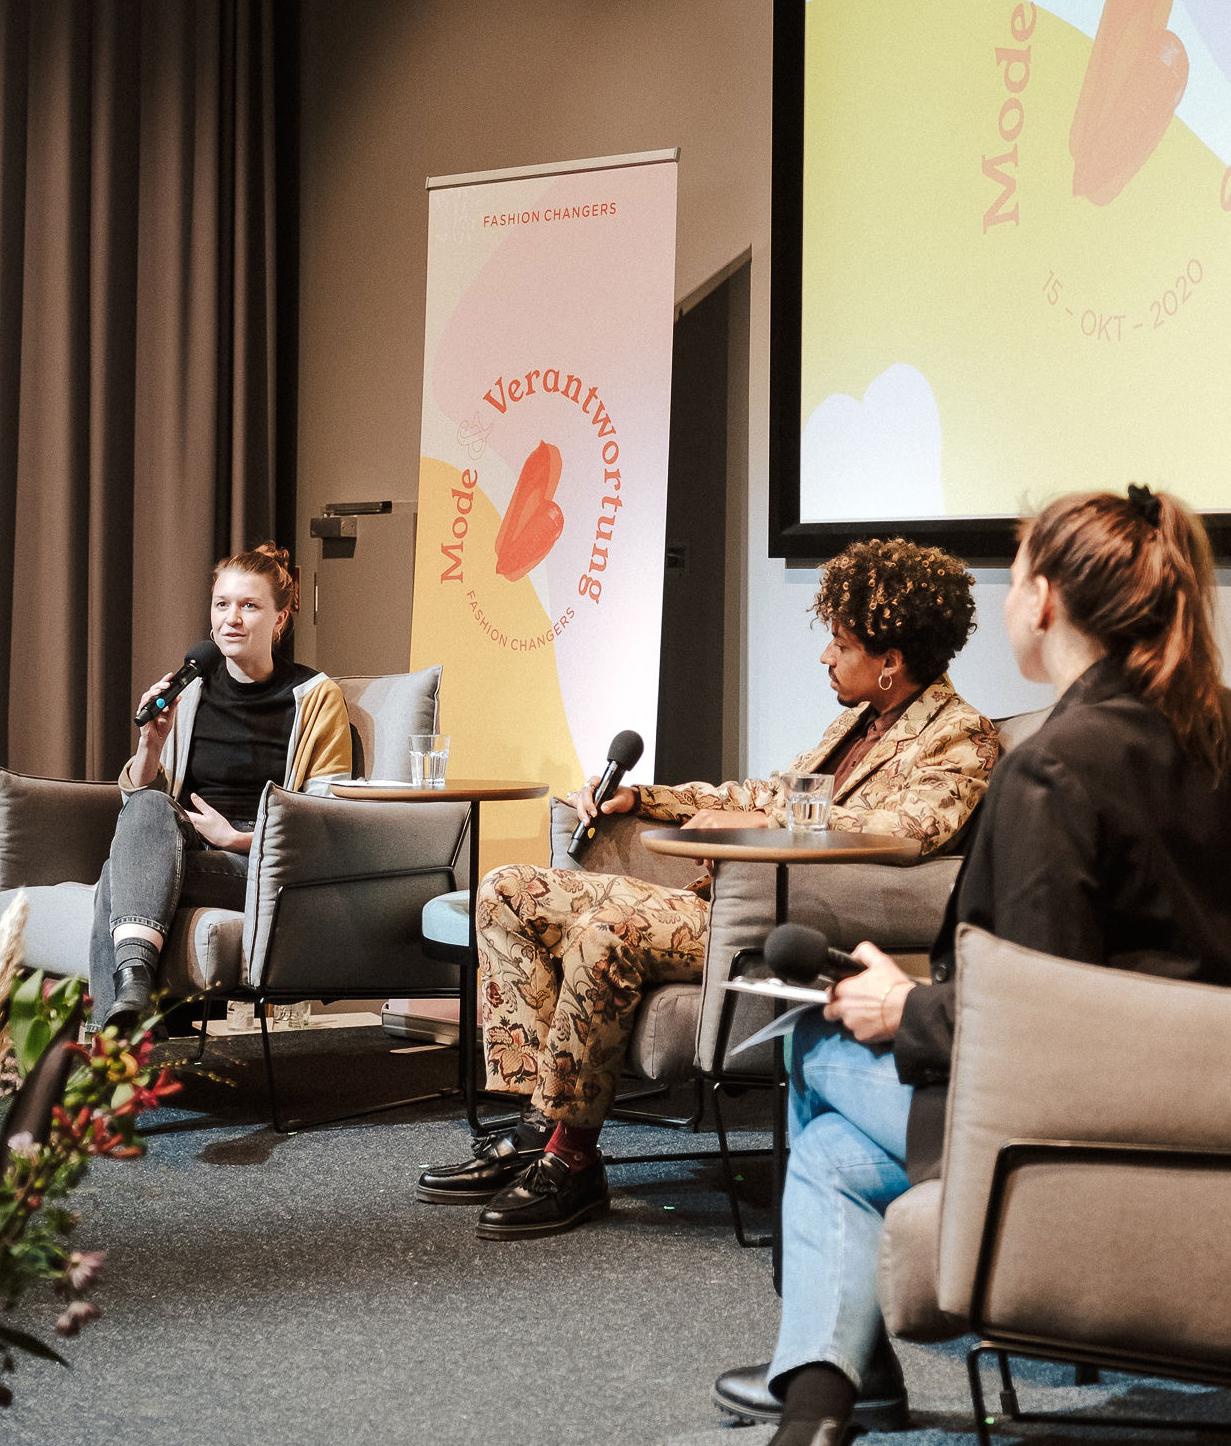 Lia Polotzek, Sydney Nwakanma und Anna Schunck sitzen auf der Fashion Changers Konferenzbühne und diskutieren über Post-Wachstums-Modelle